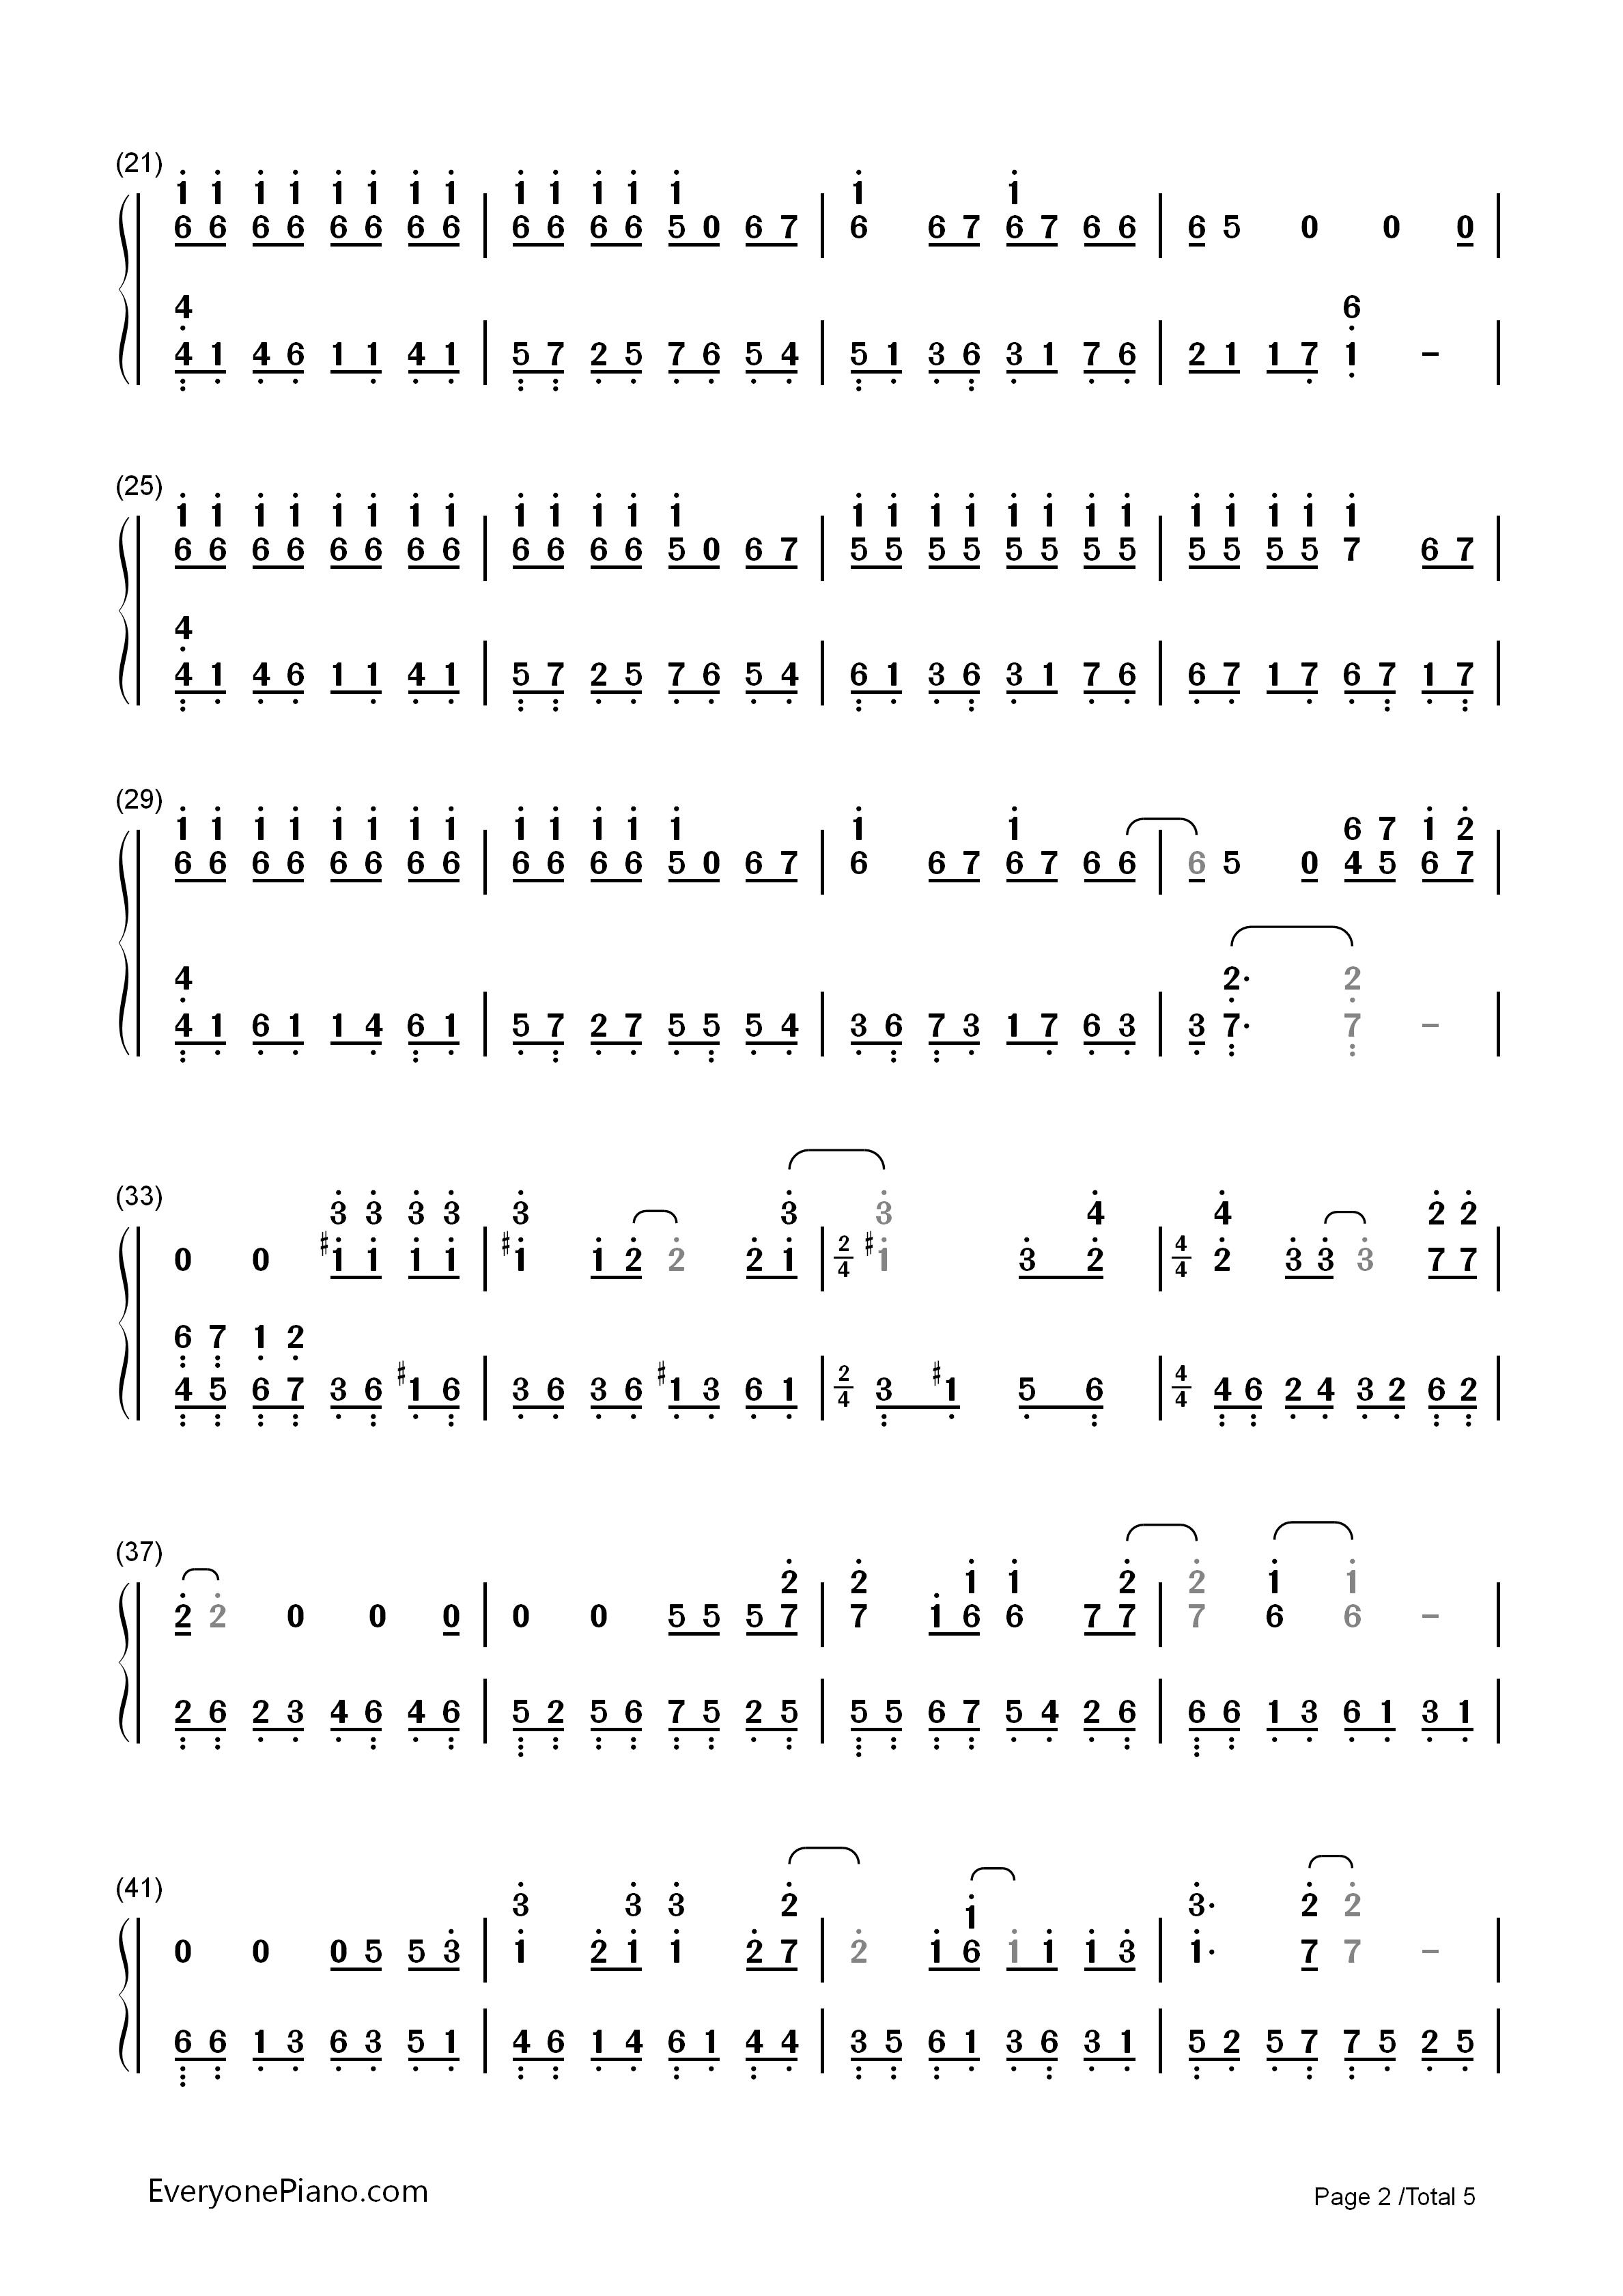 jay chou piano sheet music pdf